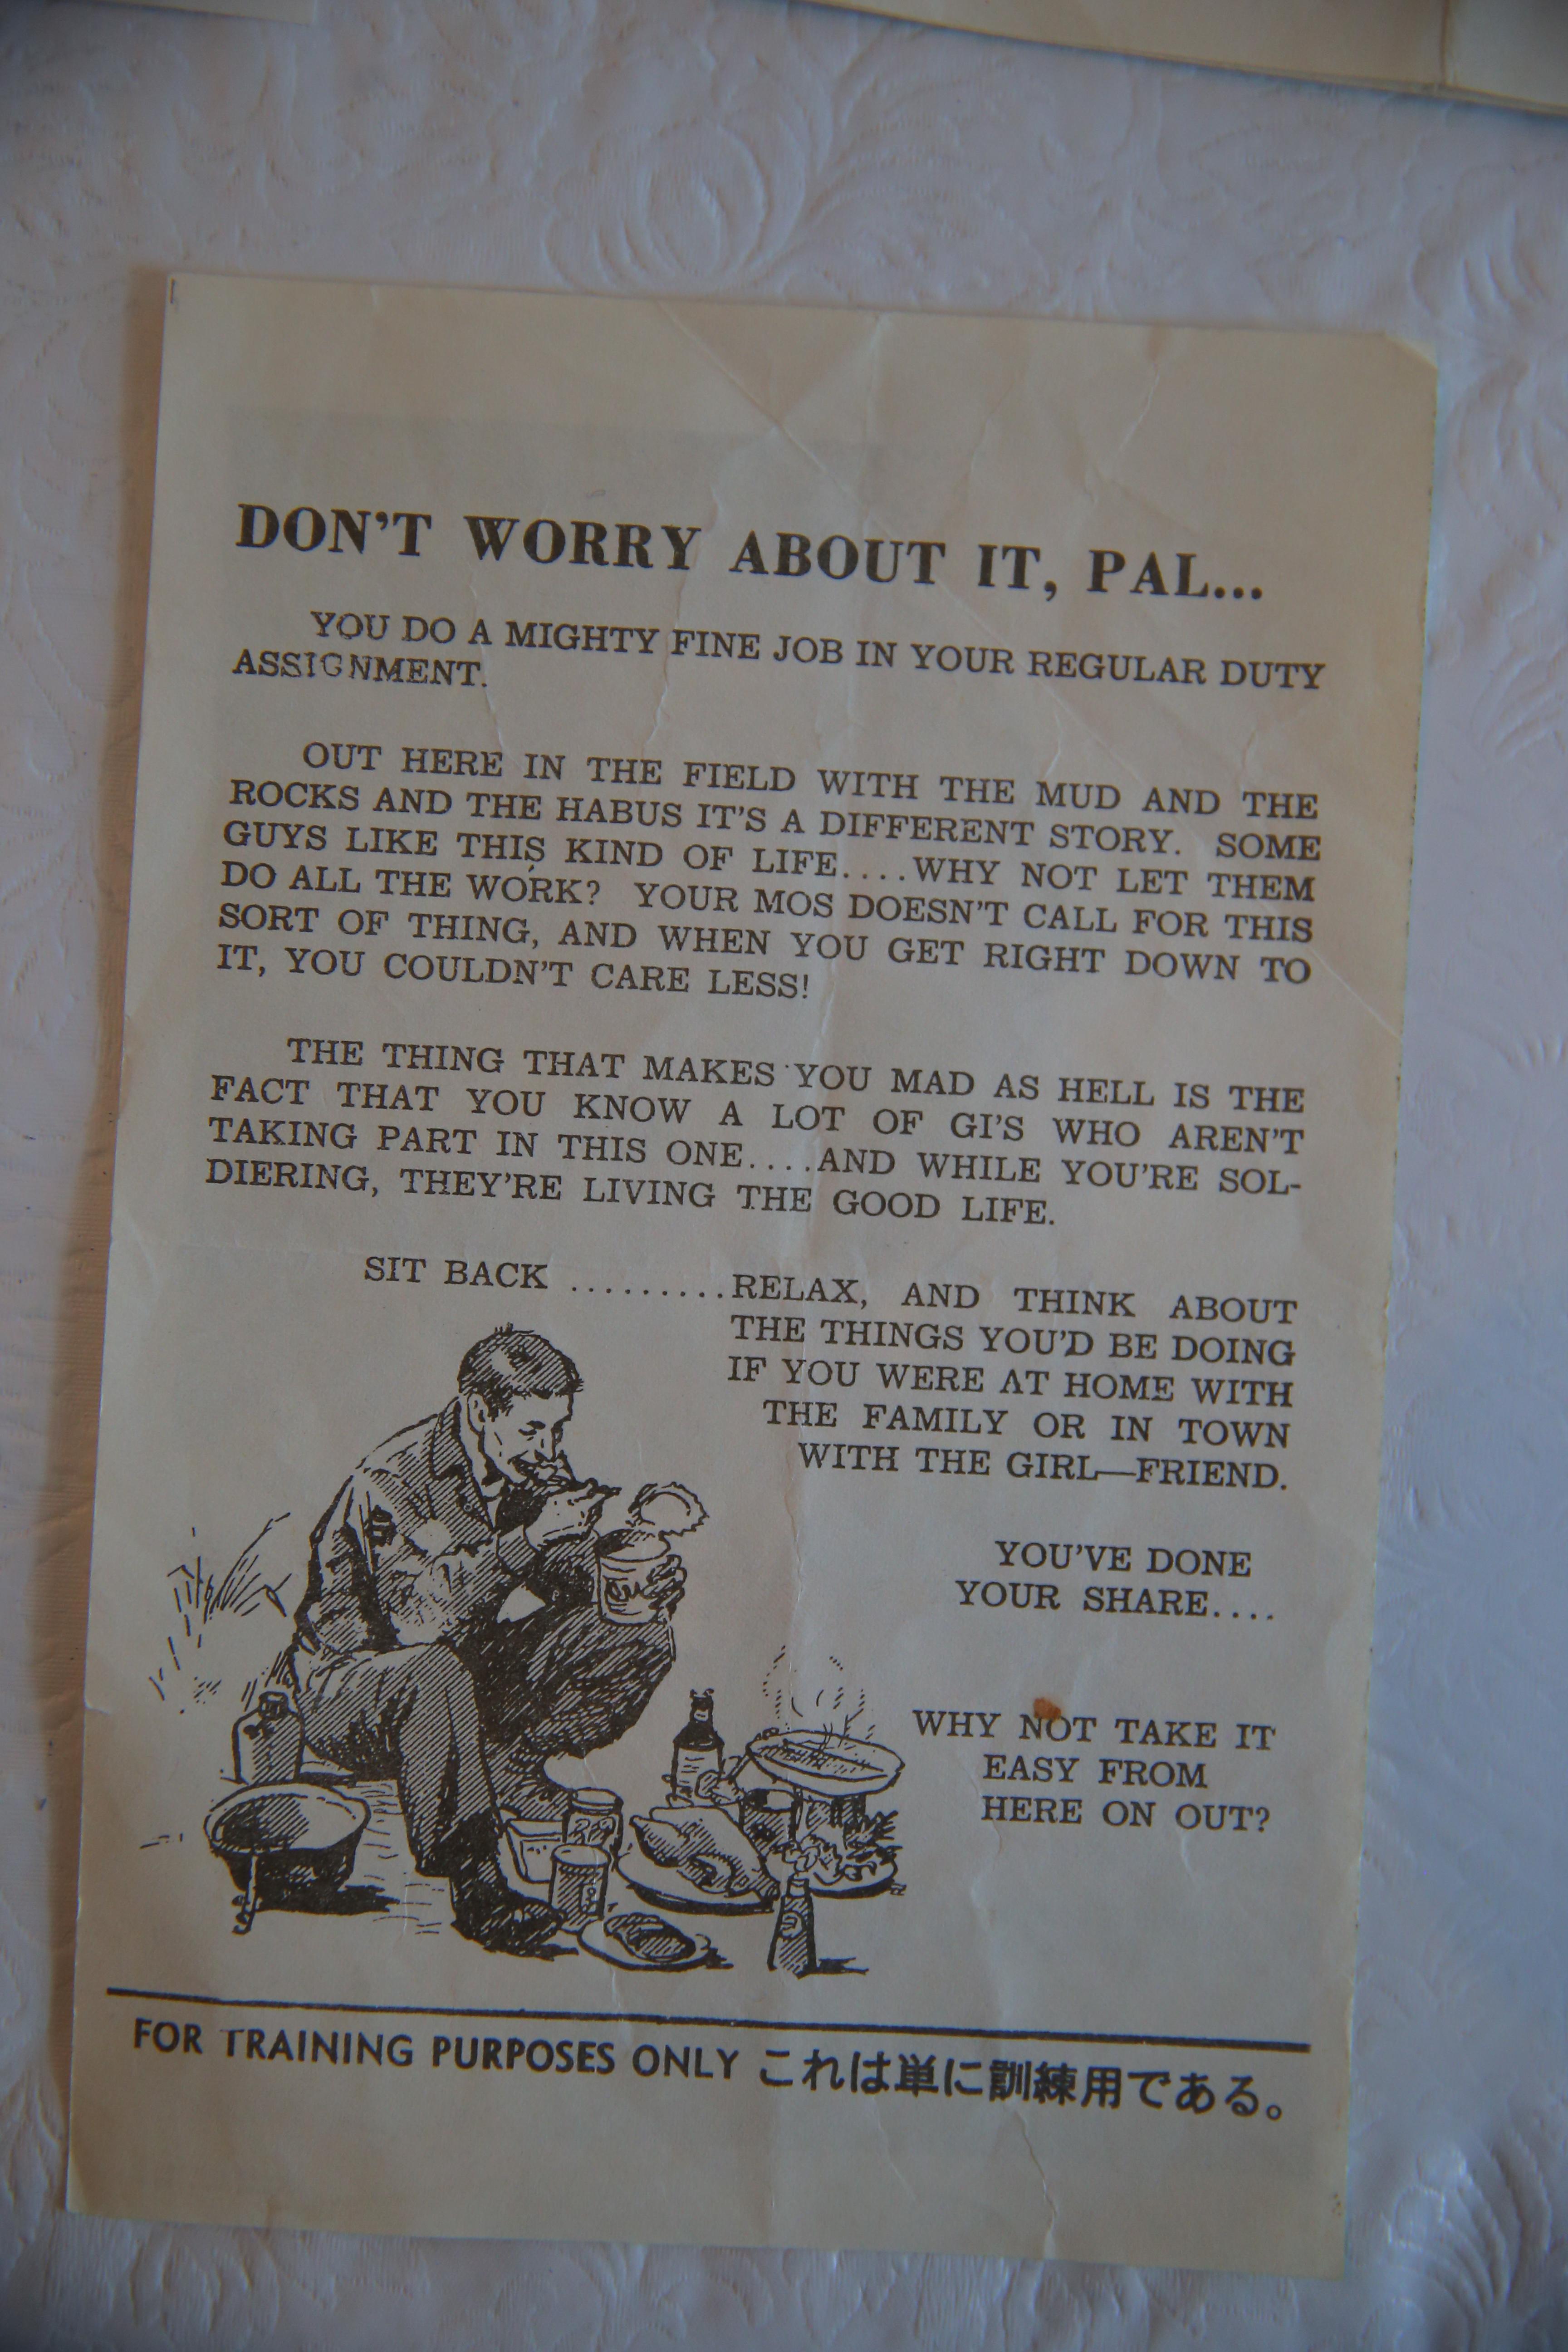 Vietnam-era veteran counterfeited, legally, to make life